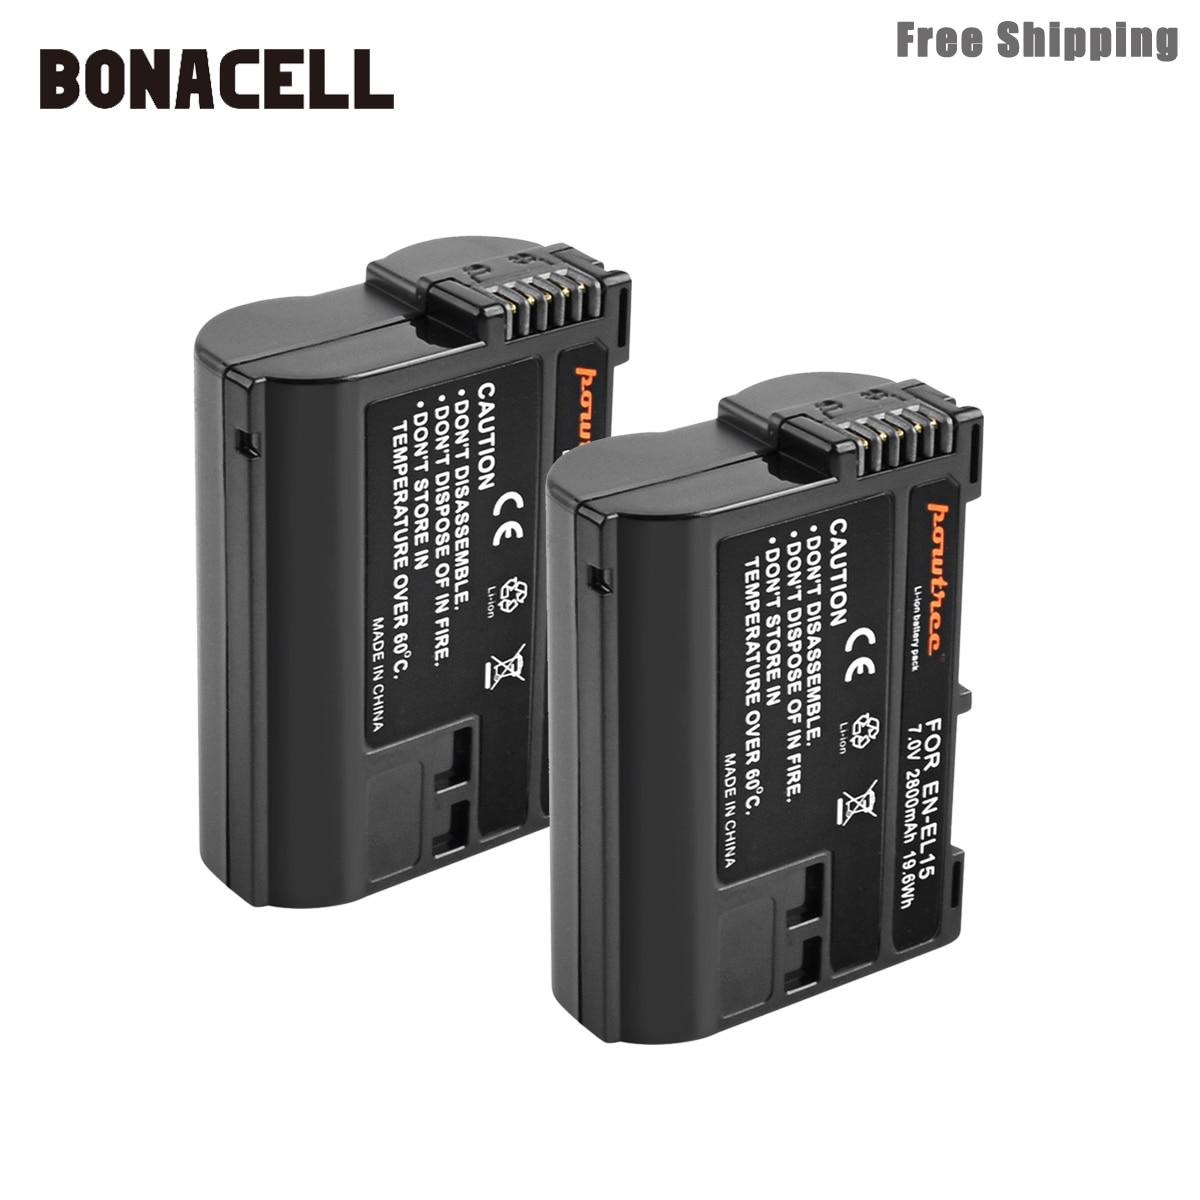 Bonacell 2800 Mah EN-EL15 ENEL15 En EL15 Camera Batterij Voor Nikon Dslr D600 D610 D800 D800E D810 D7000 D7100 D7200 l50